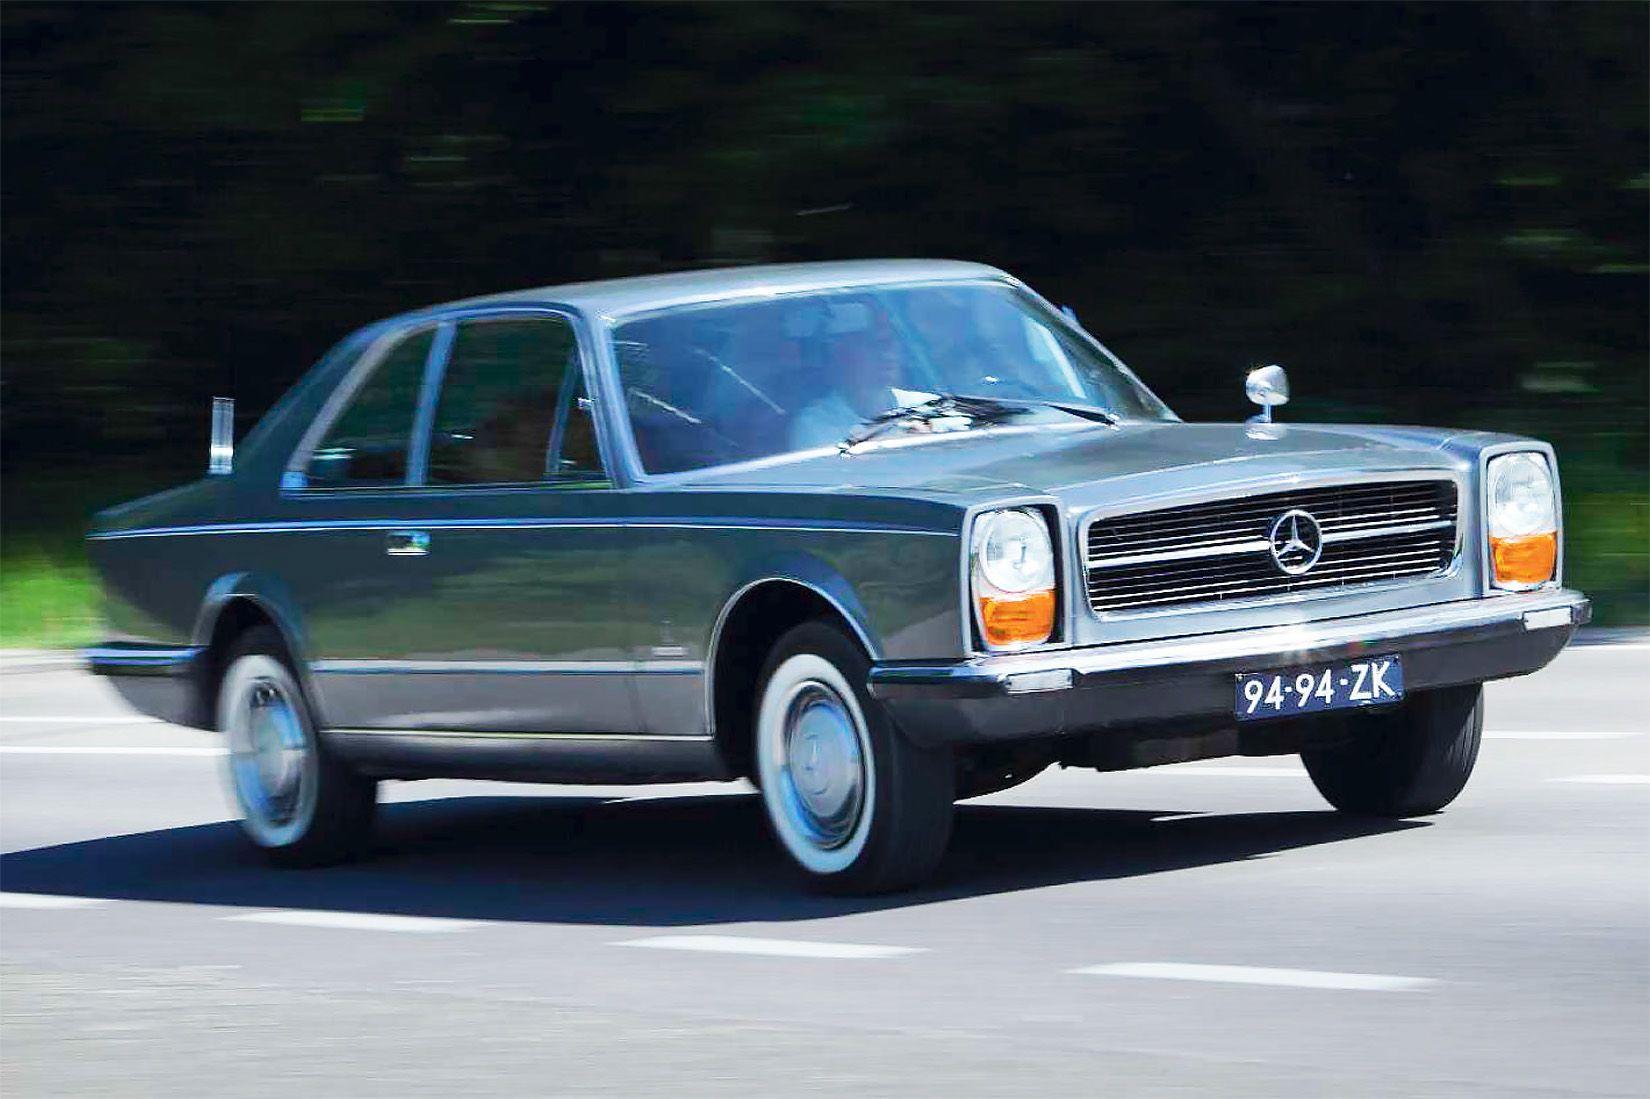 Mercedes Benz 300 Sel 6 3 Pininfarina Coupe Road Drive